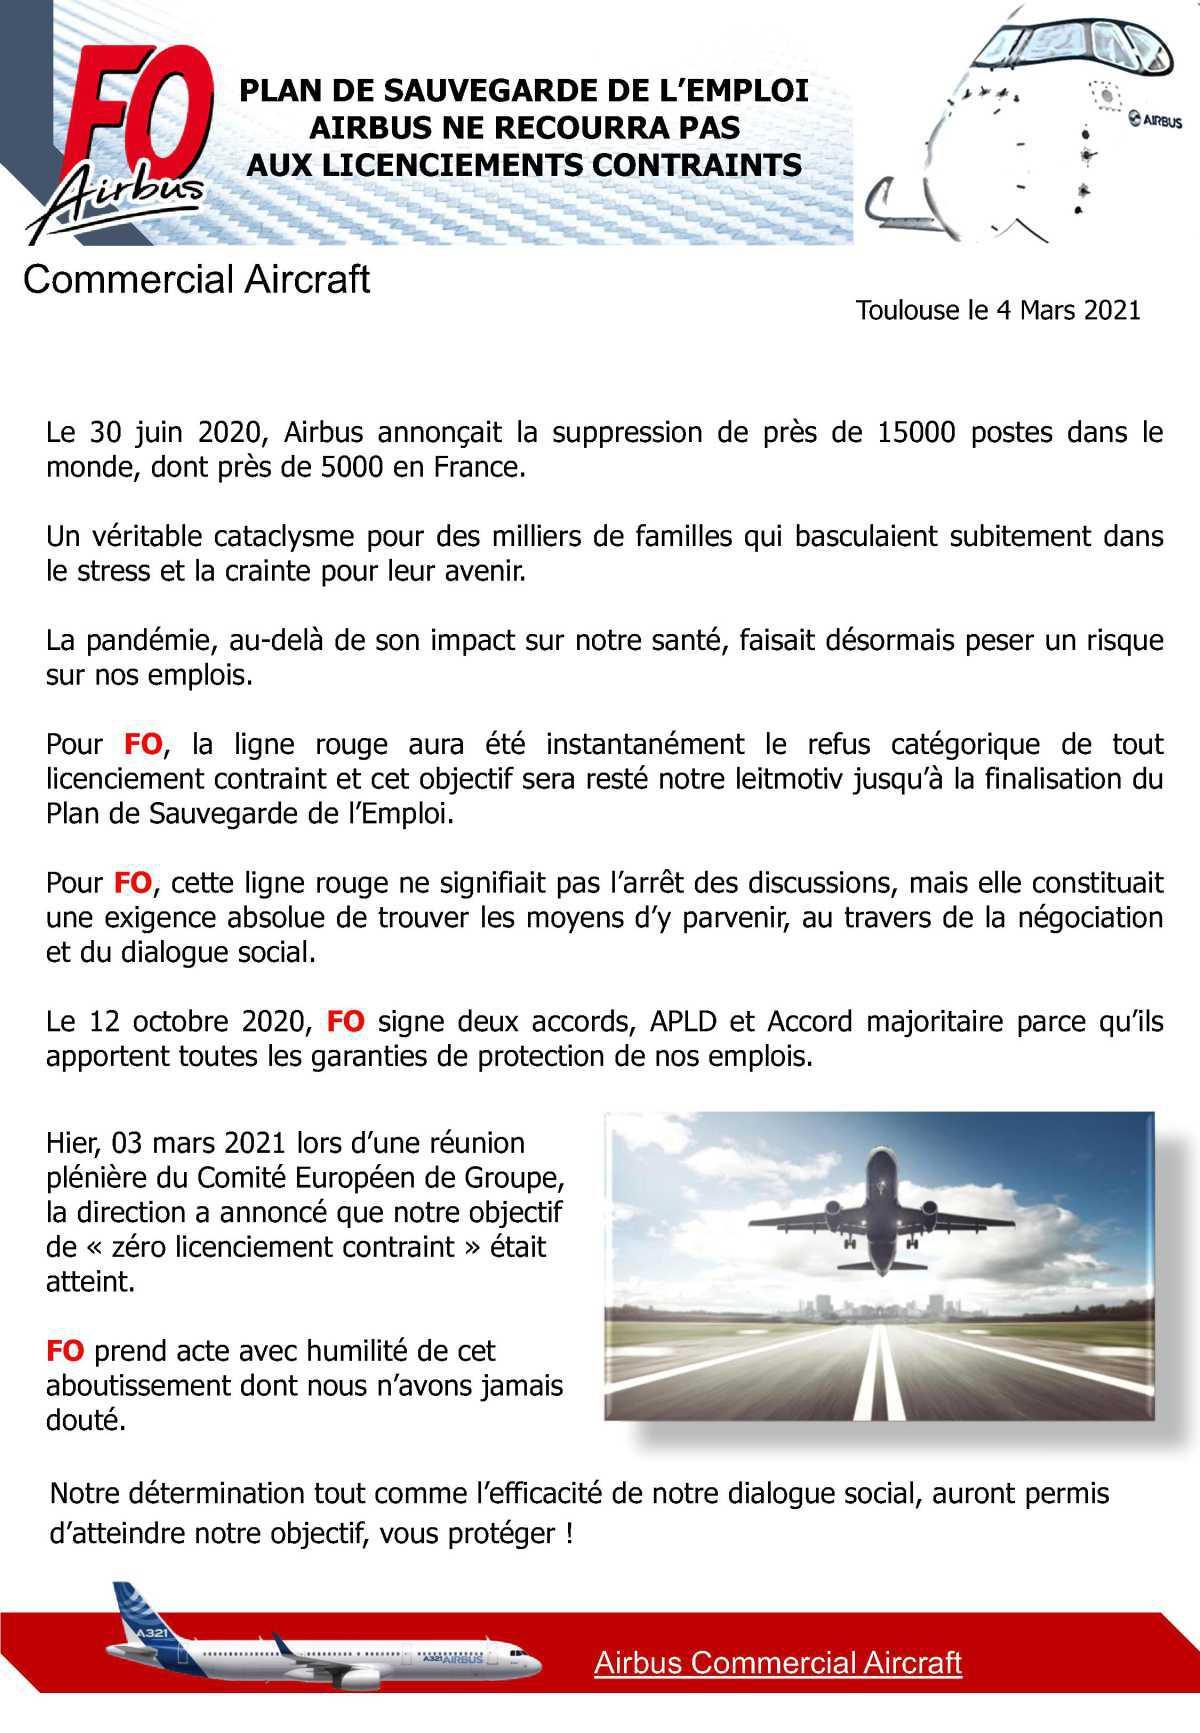 Plan de sauvegarde de l'emploi, AIRBUS ne recourra pas aux licenciements contraints